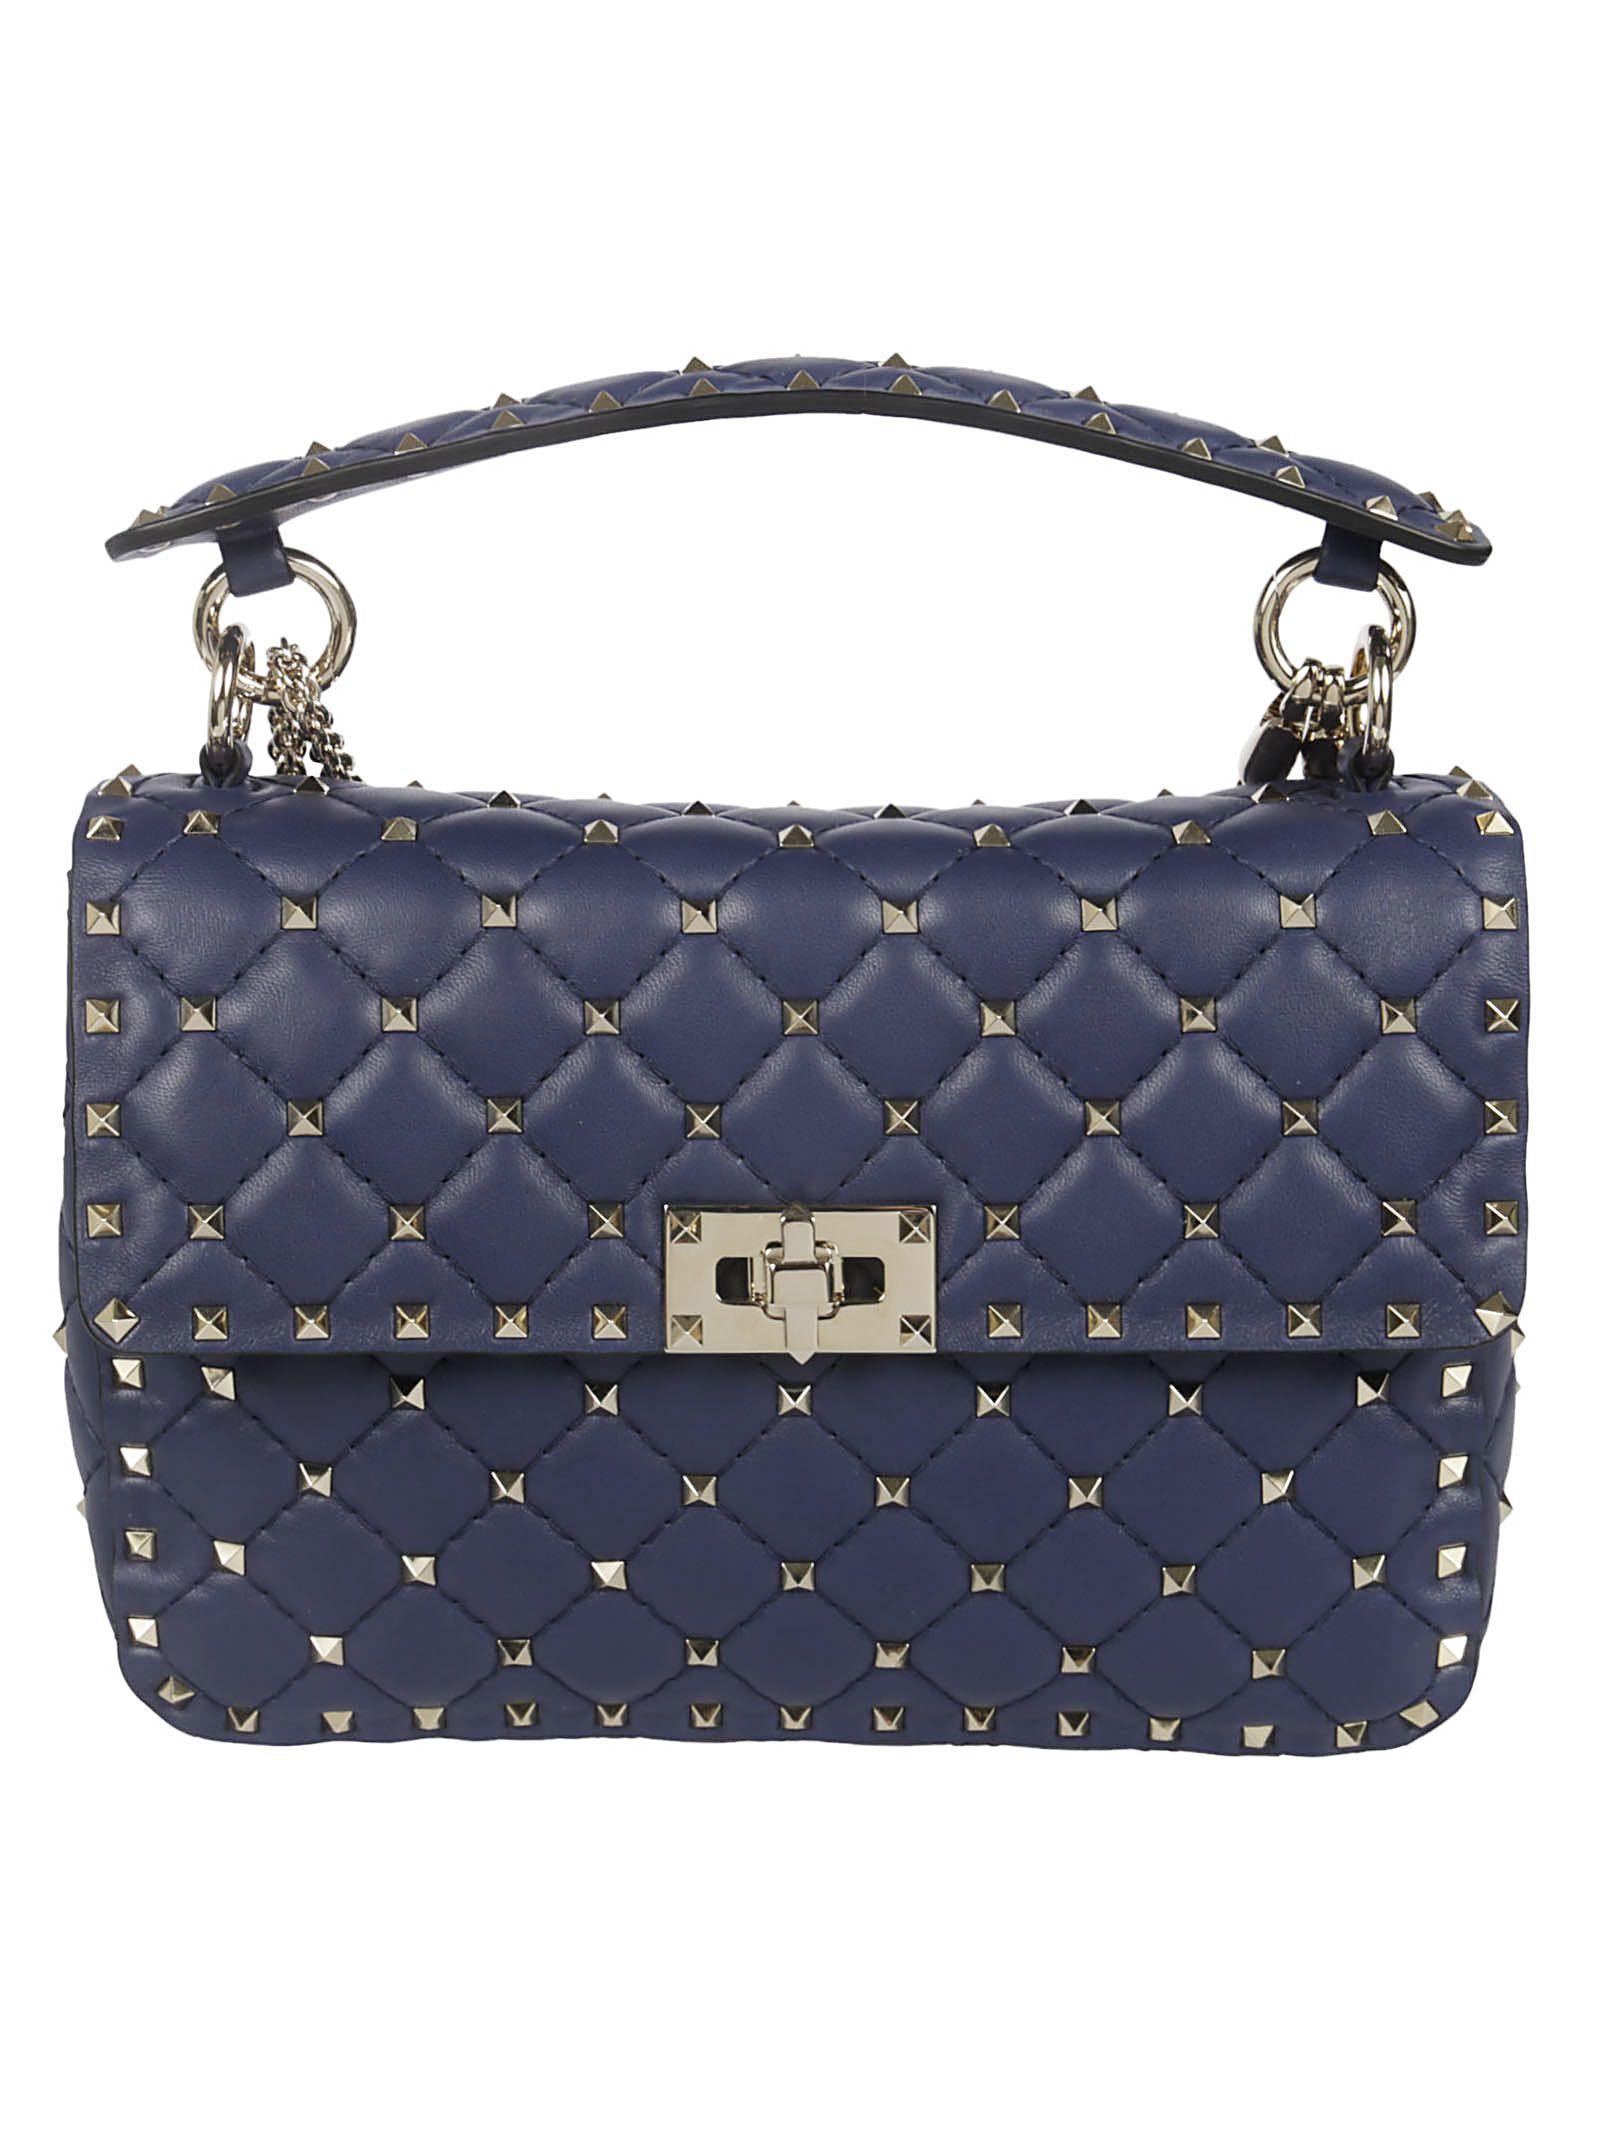 Valentino Medium Rockstud Crossbody Bag